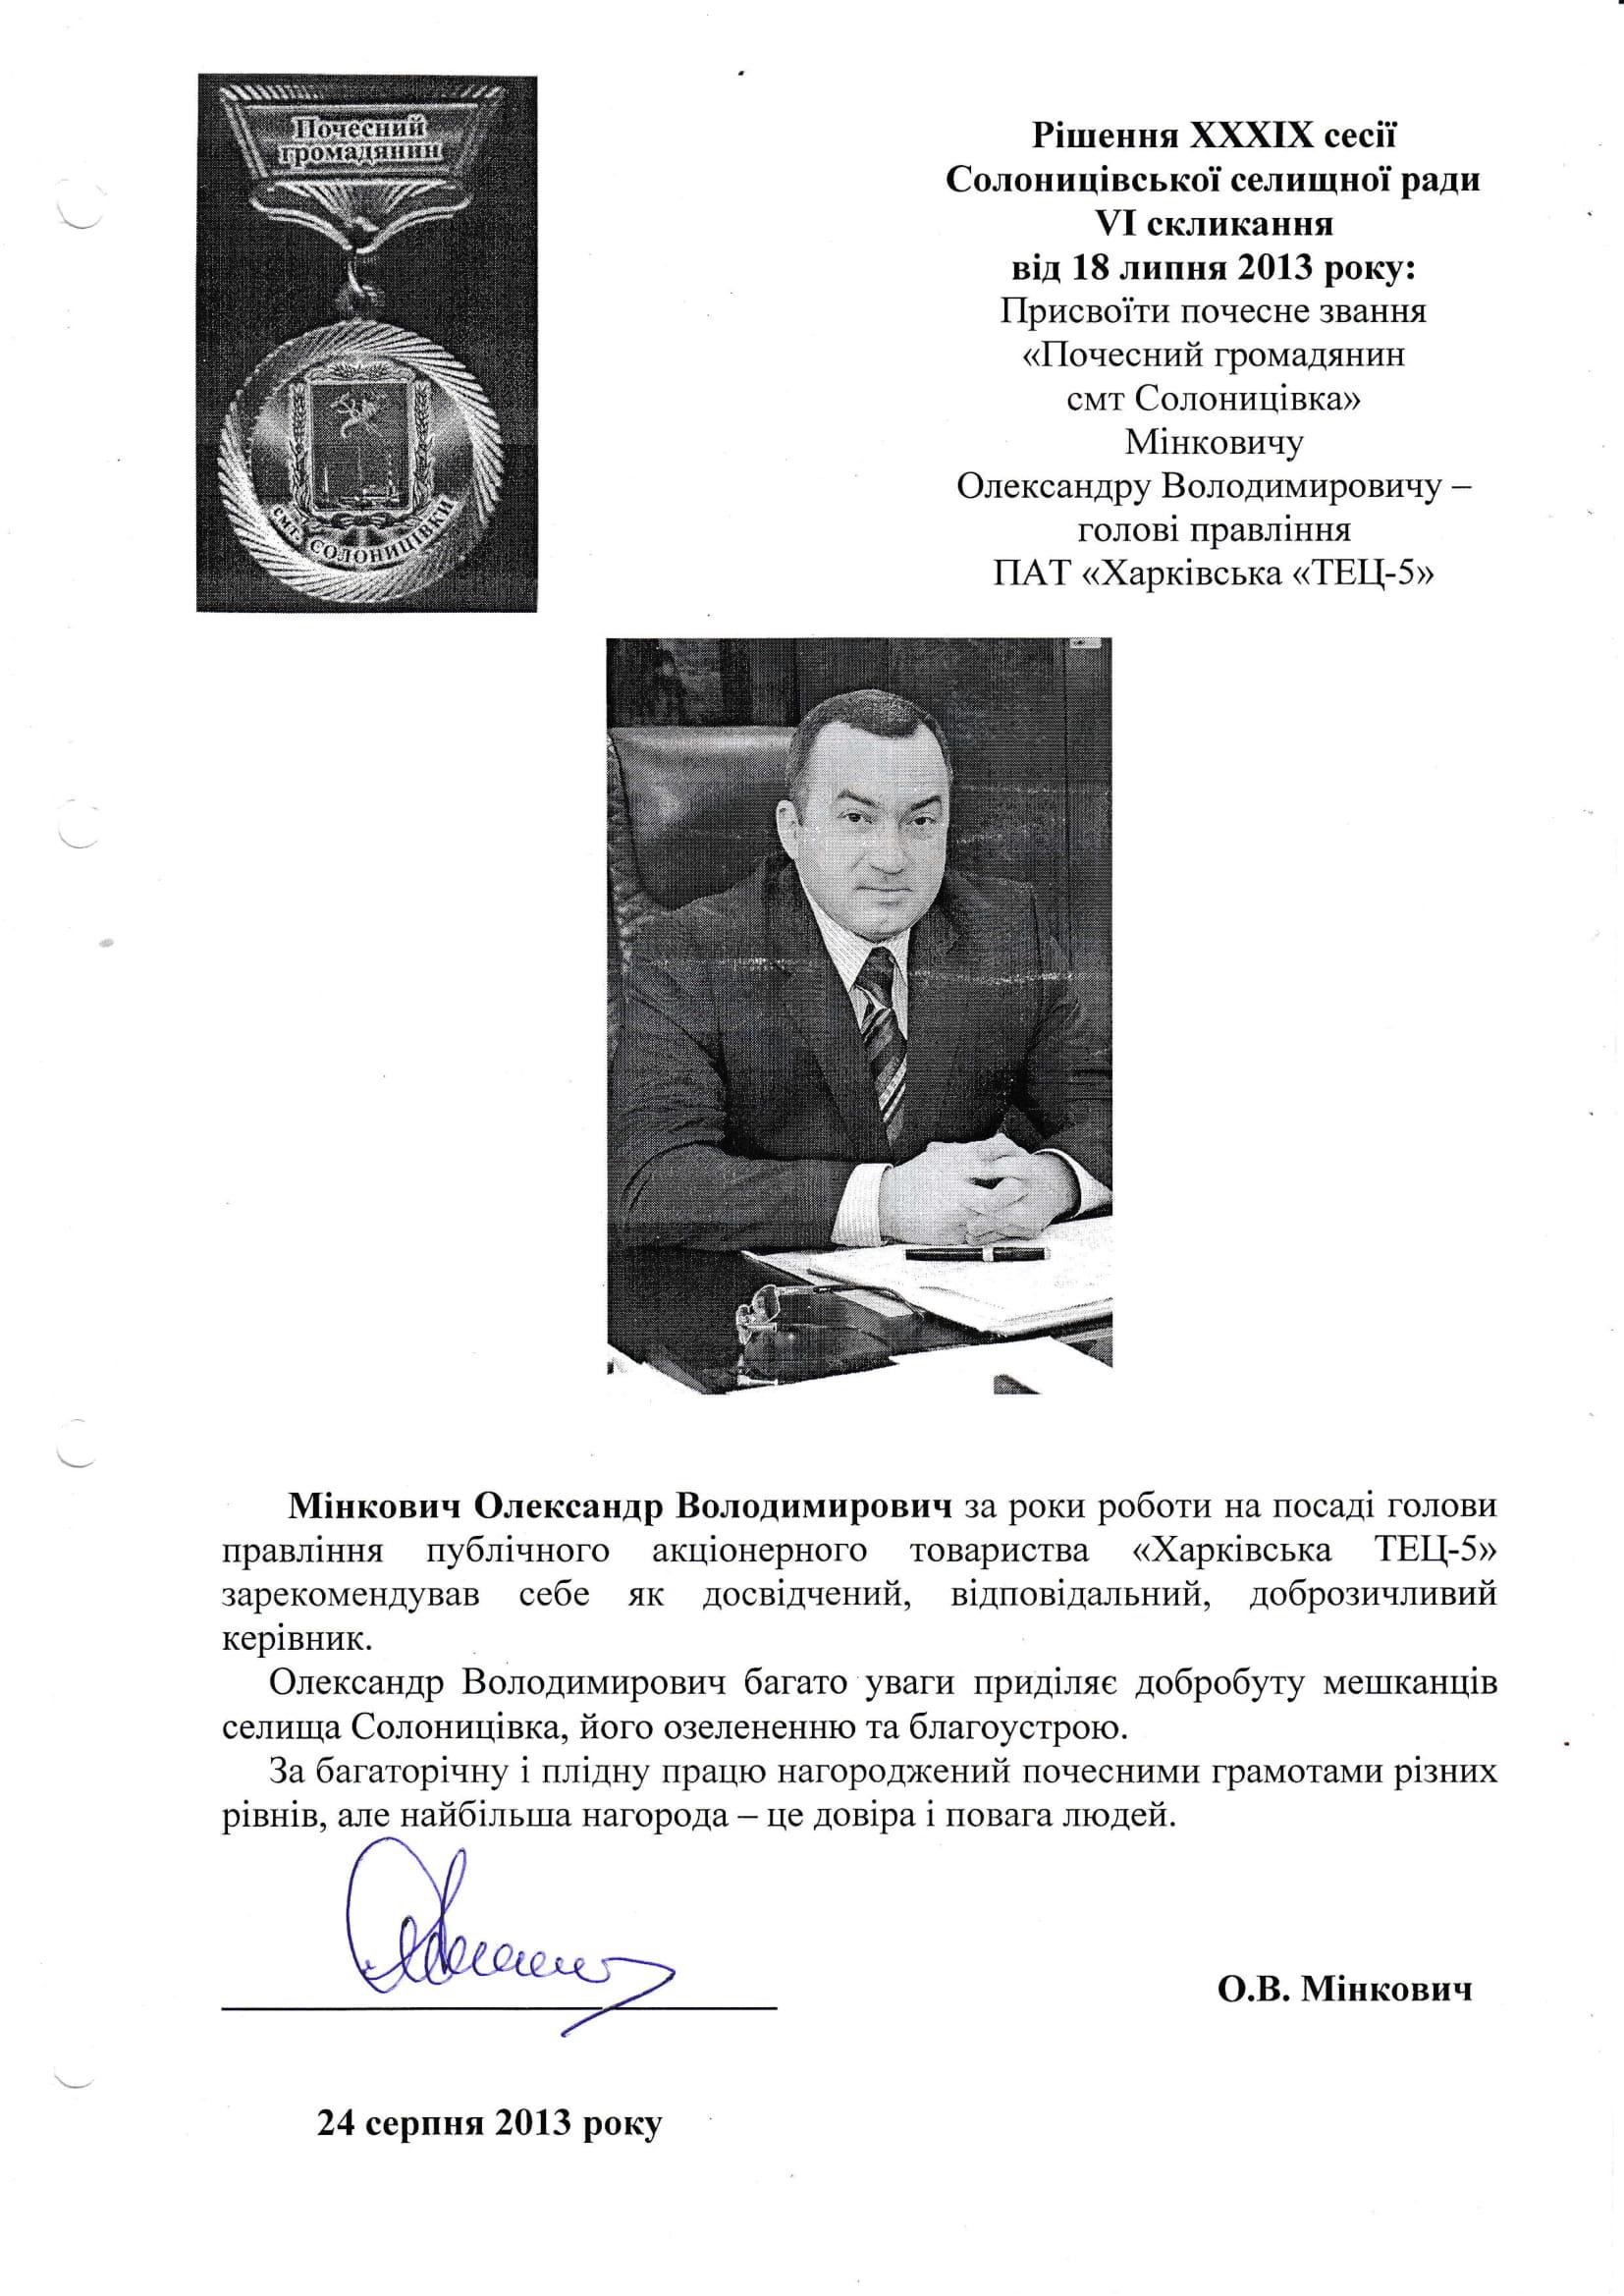 Мінкович Олександр Володимировив